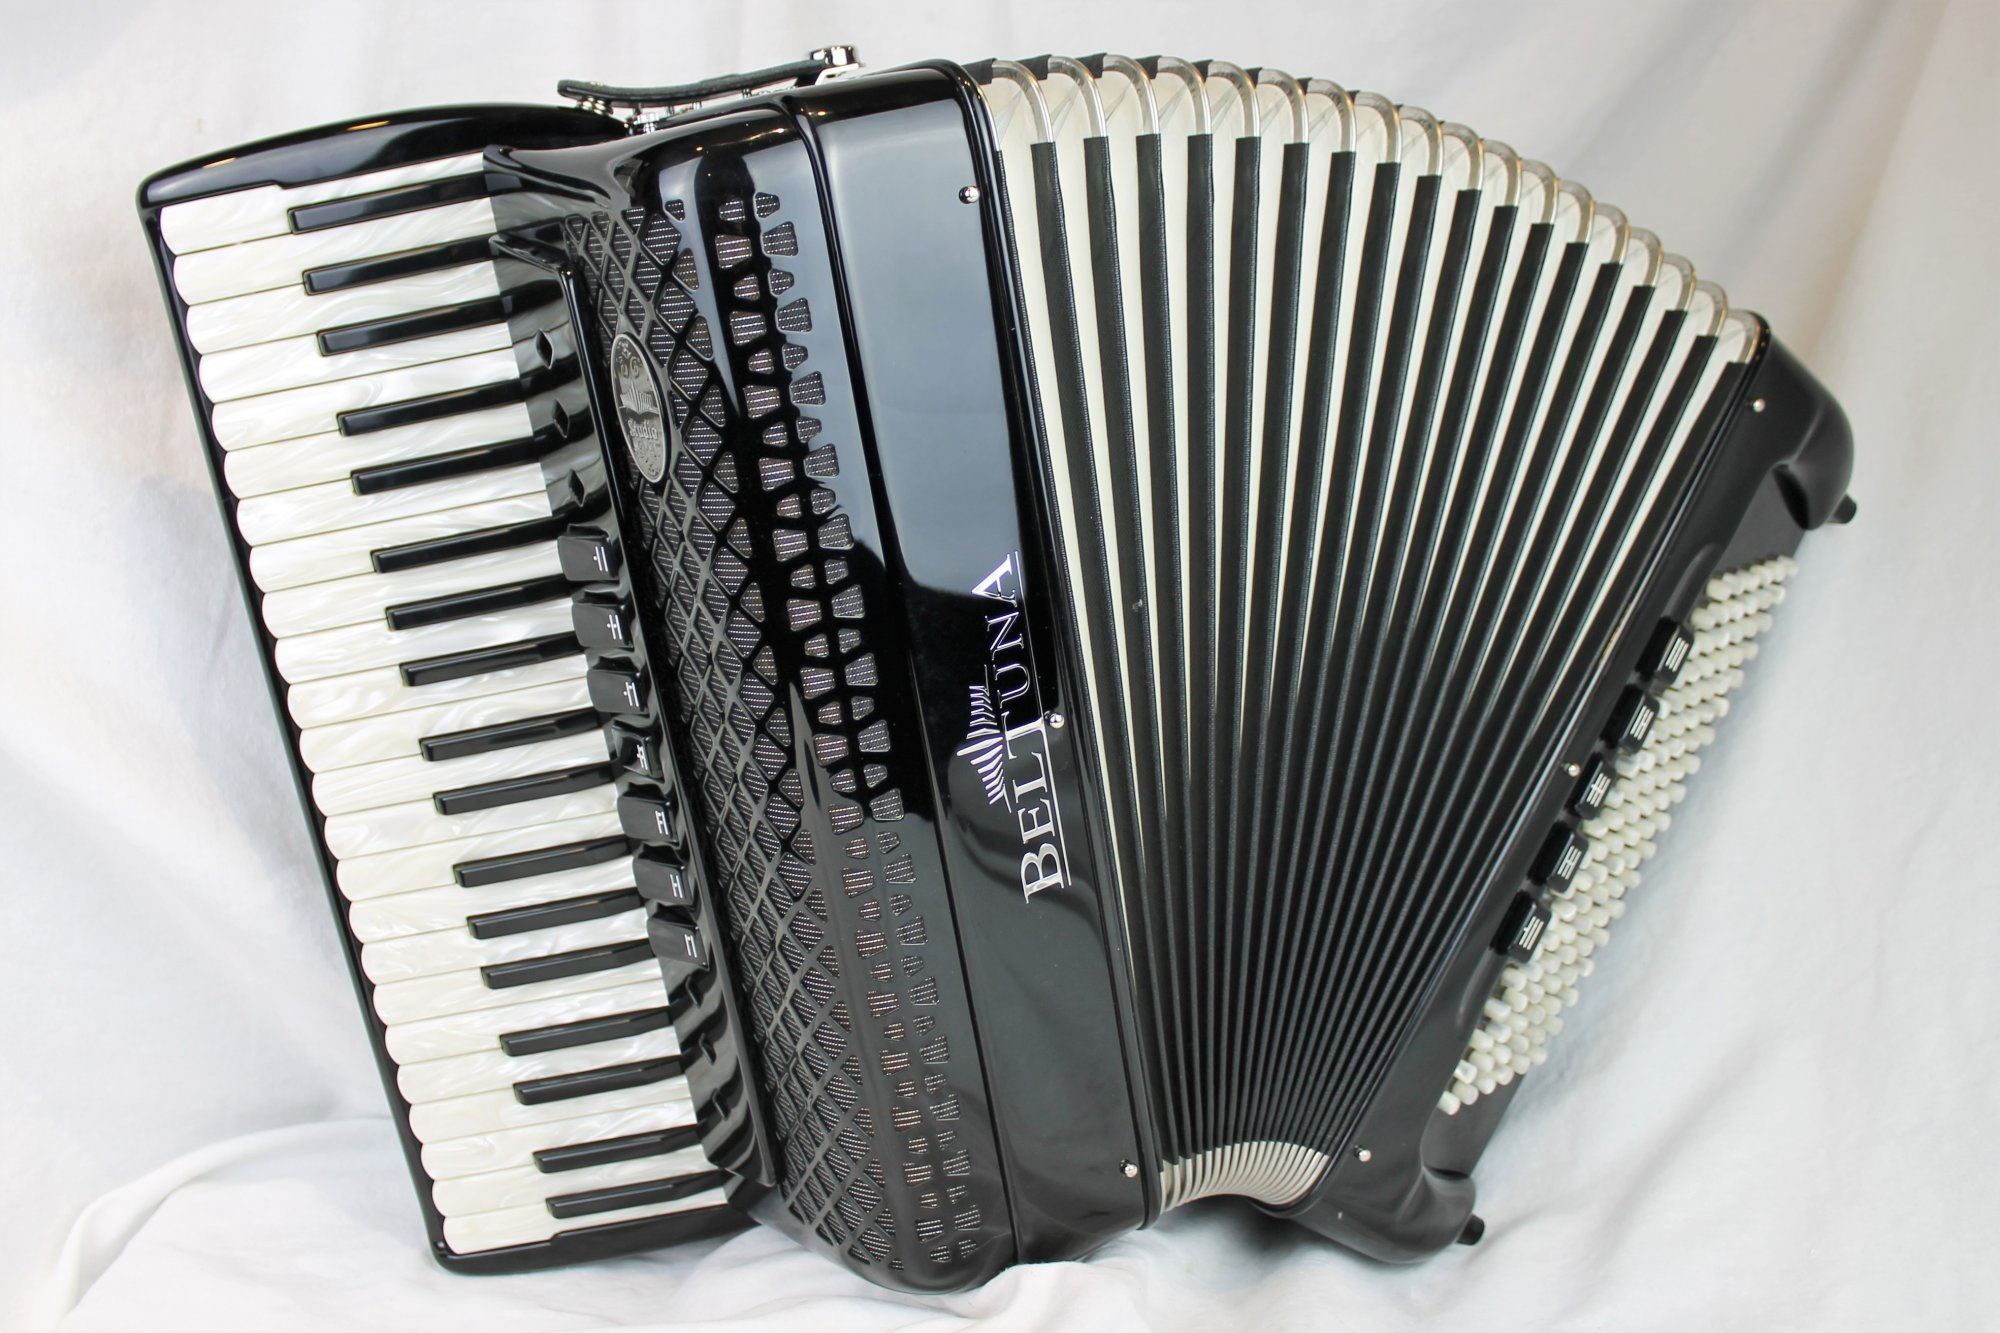 NEW Black Beltuna Studio III Compact Piano Accordion LMM 41 108